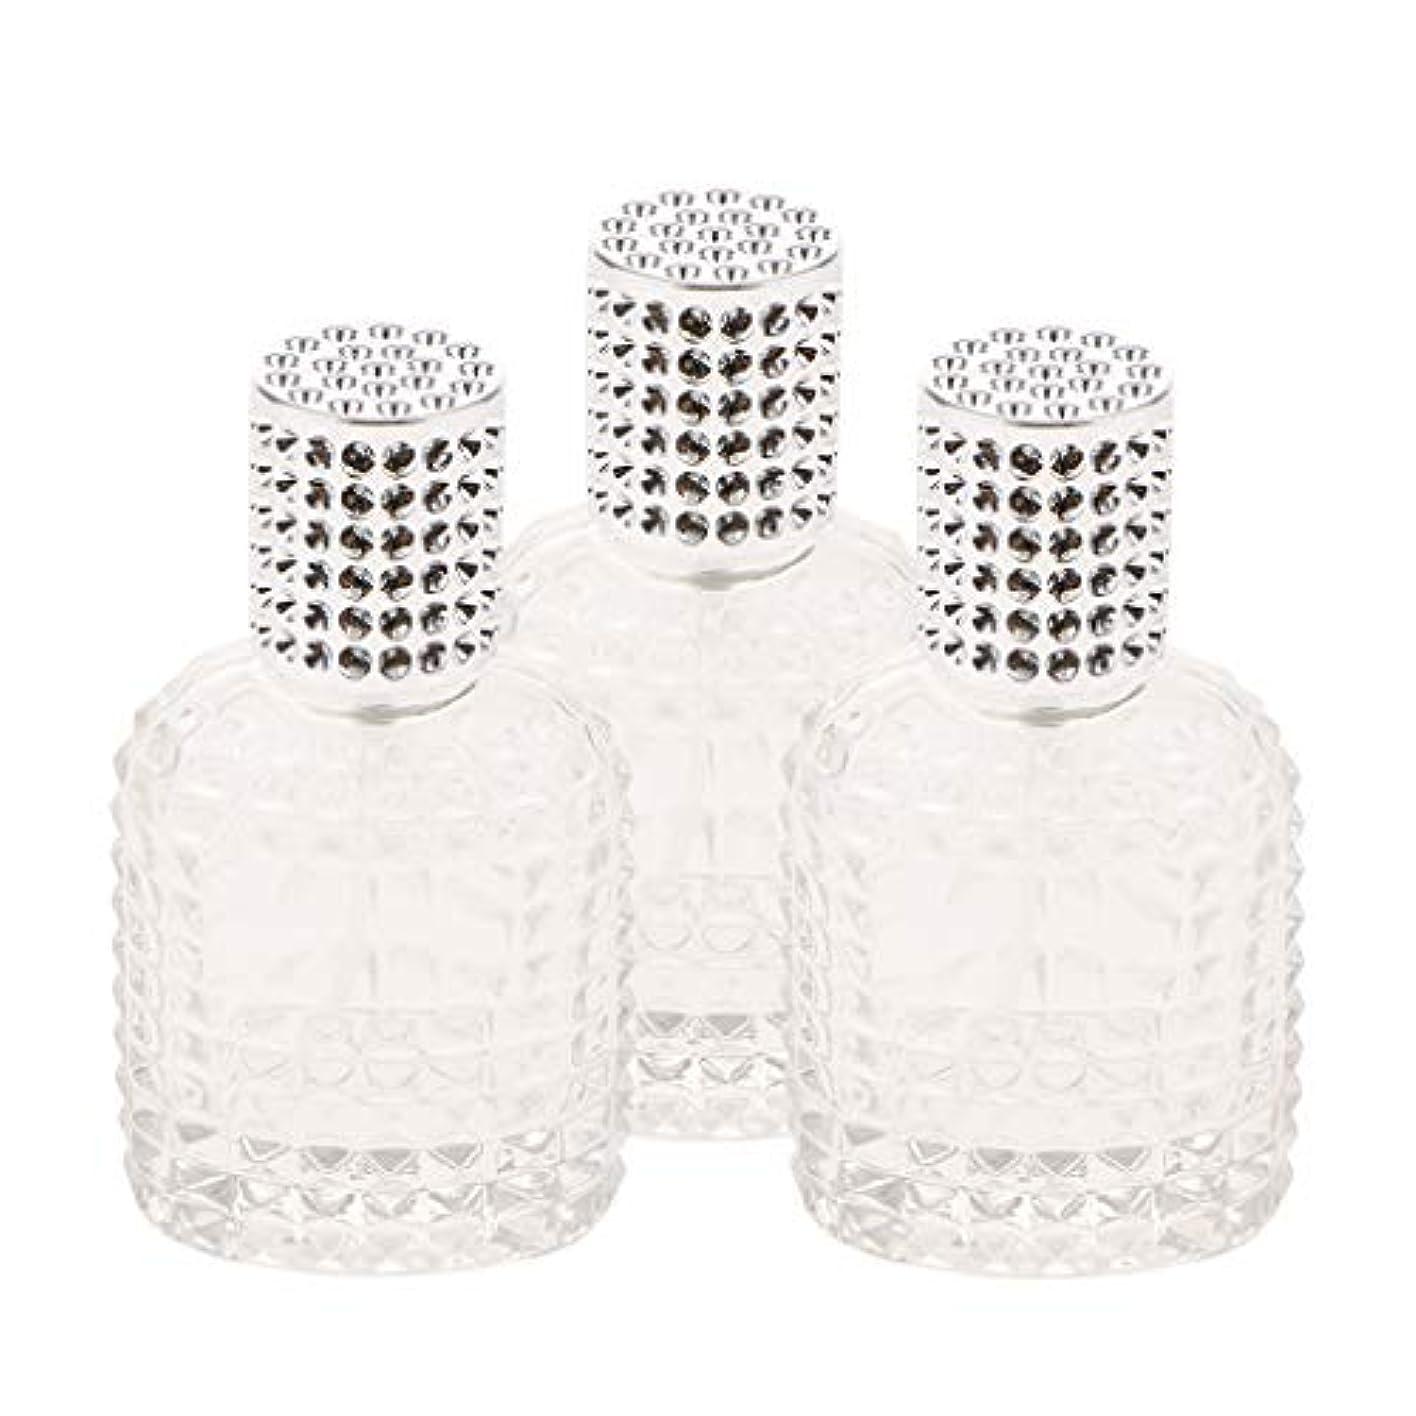 恋人人差し指リブミニ ガラス 香水瓶 パイナップル形 スプレー瓶 携帯用 詰め替え可能 50ml